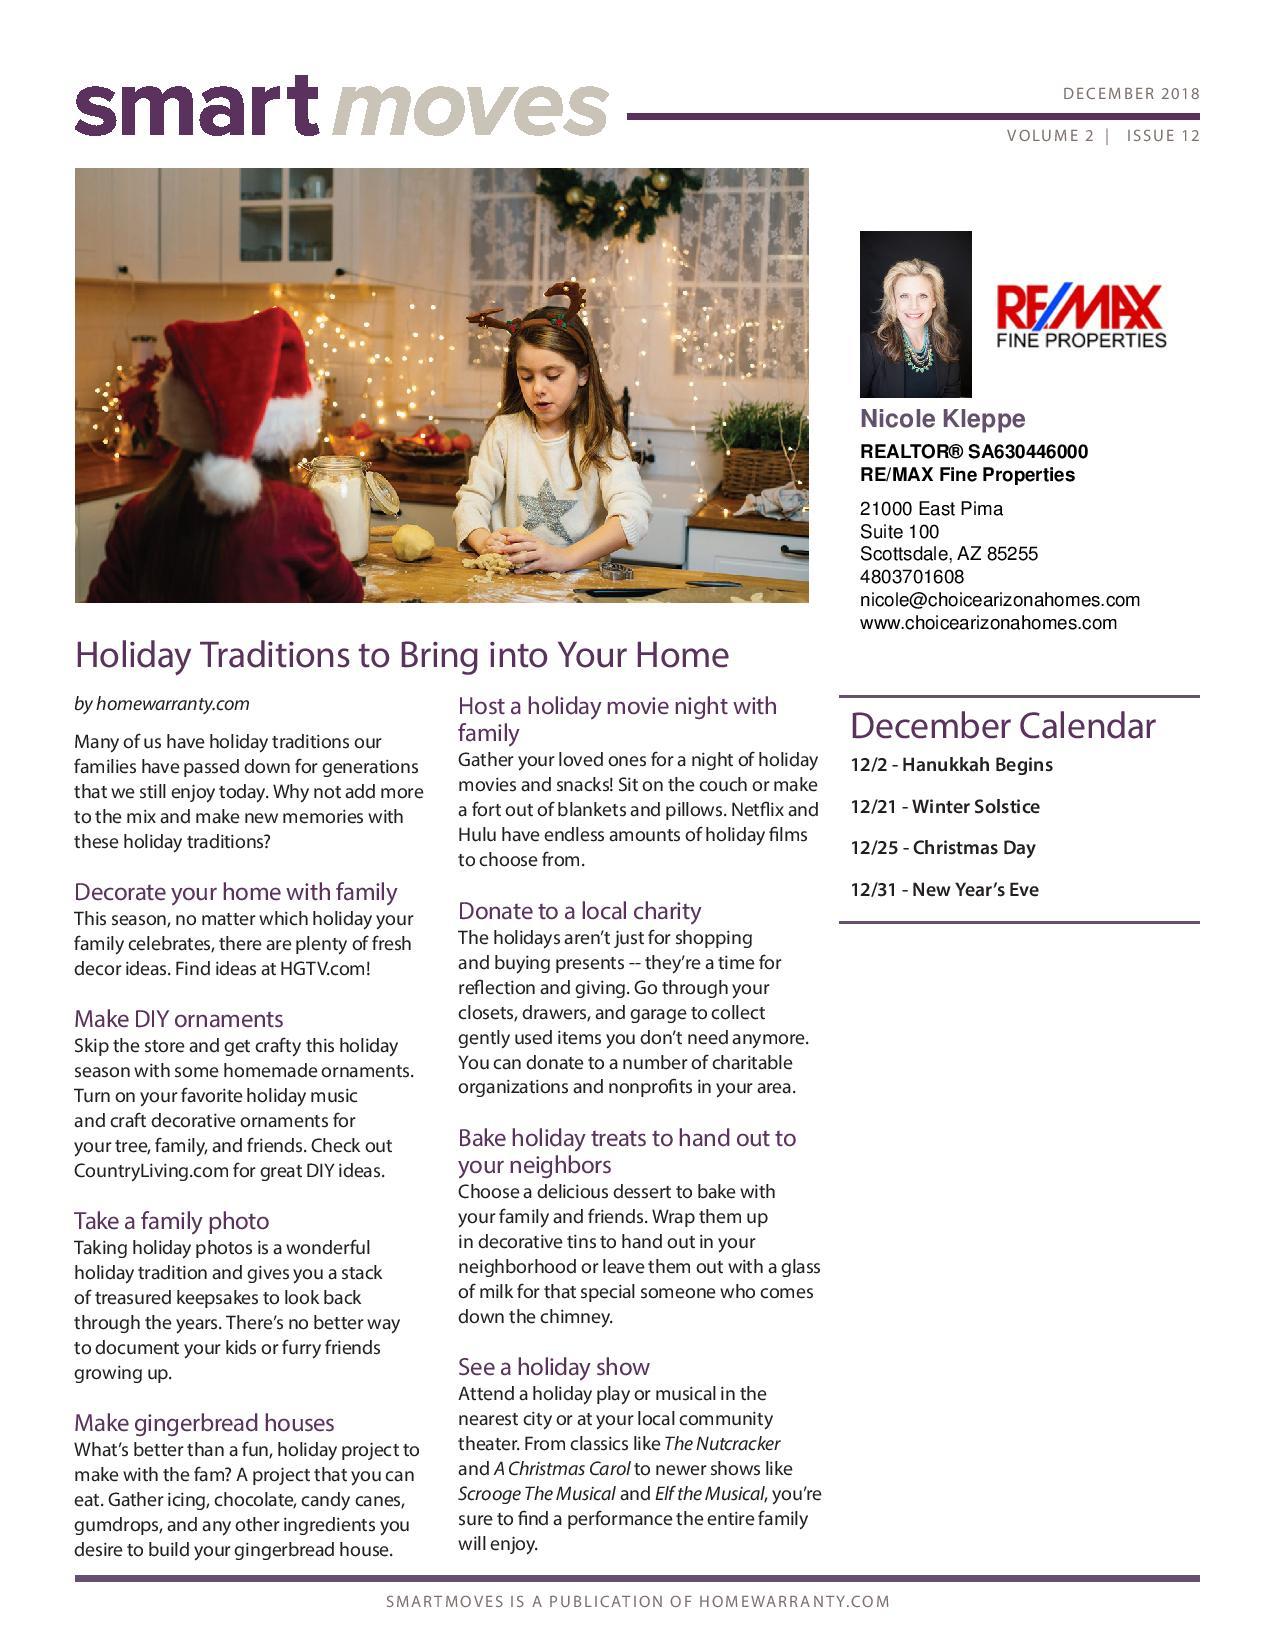 December Real Estate Newsletter Nicole Kleppe